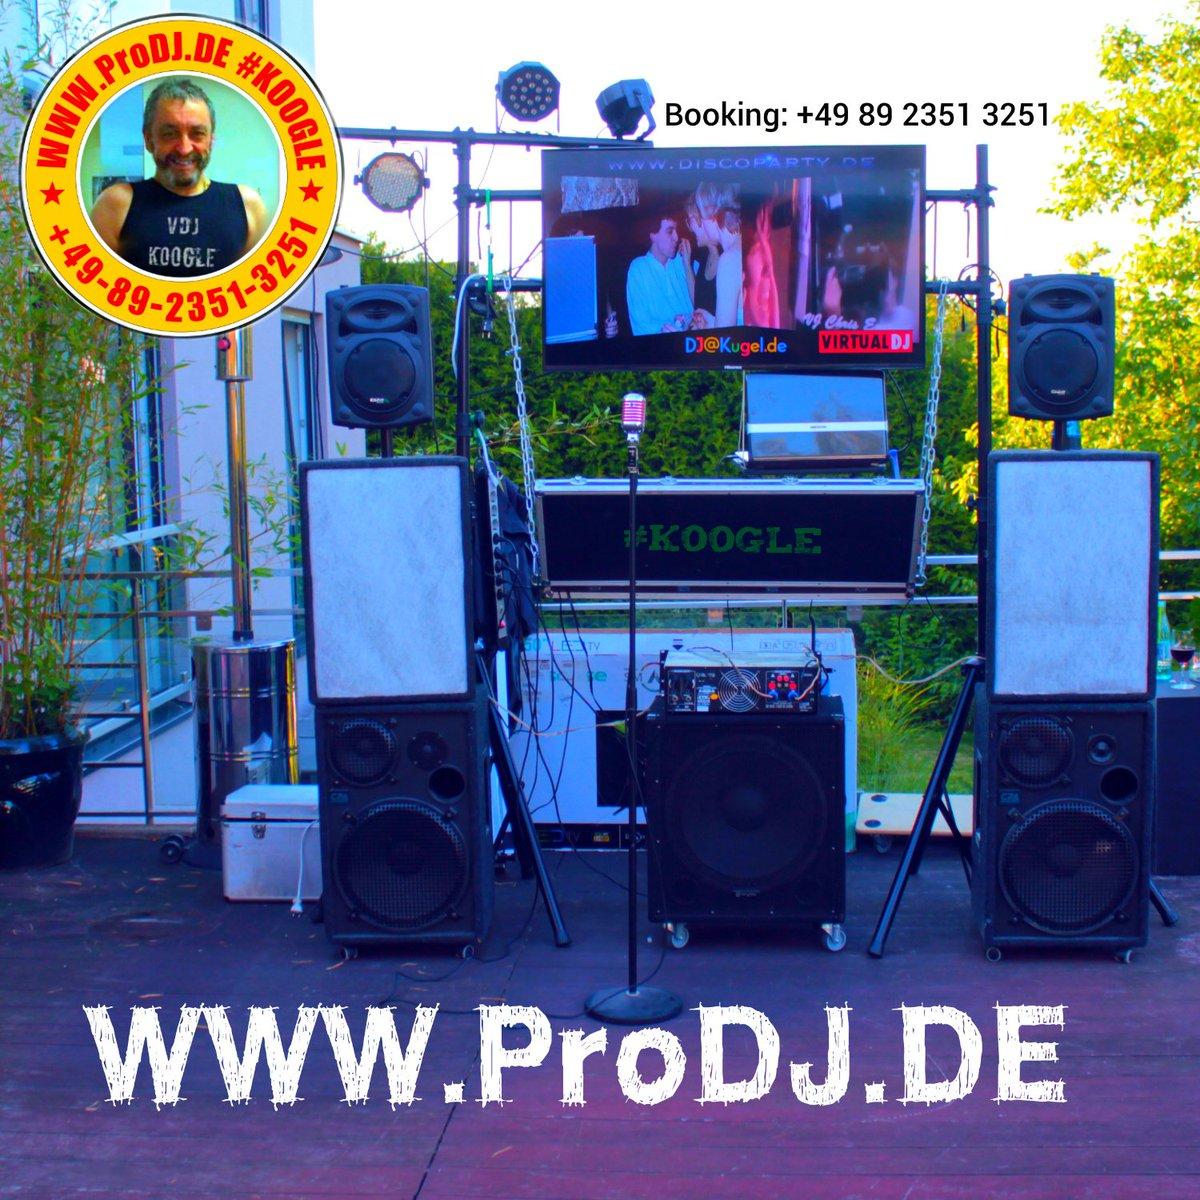 www.ProDJ.de Edgar Koogle Kugel